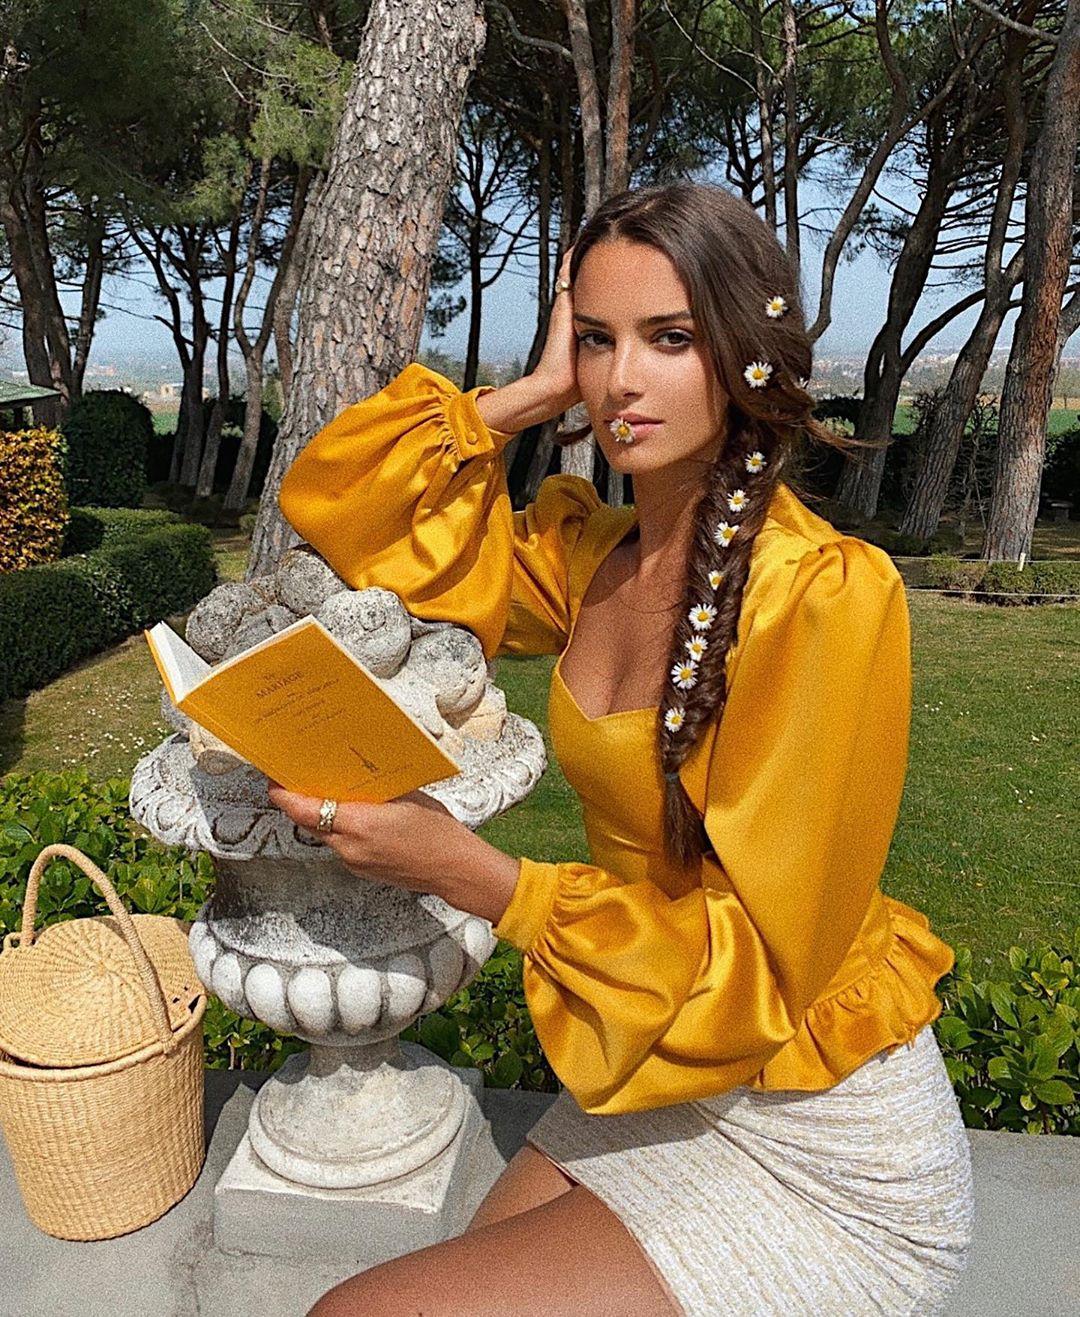 Tín đồ thời trang Pháp Gabrielle Caunesil mặc áo stain màu vàng và quần shorts trắng